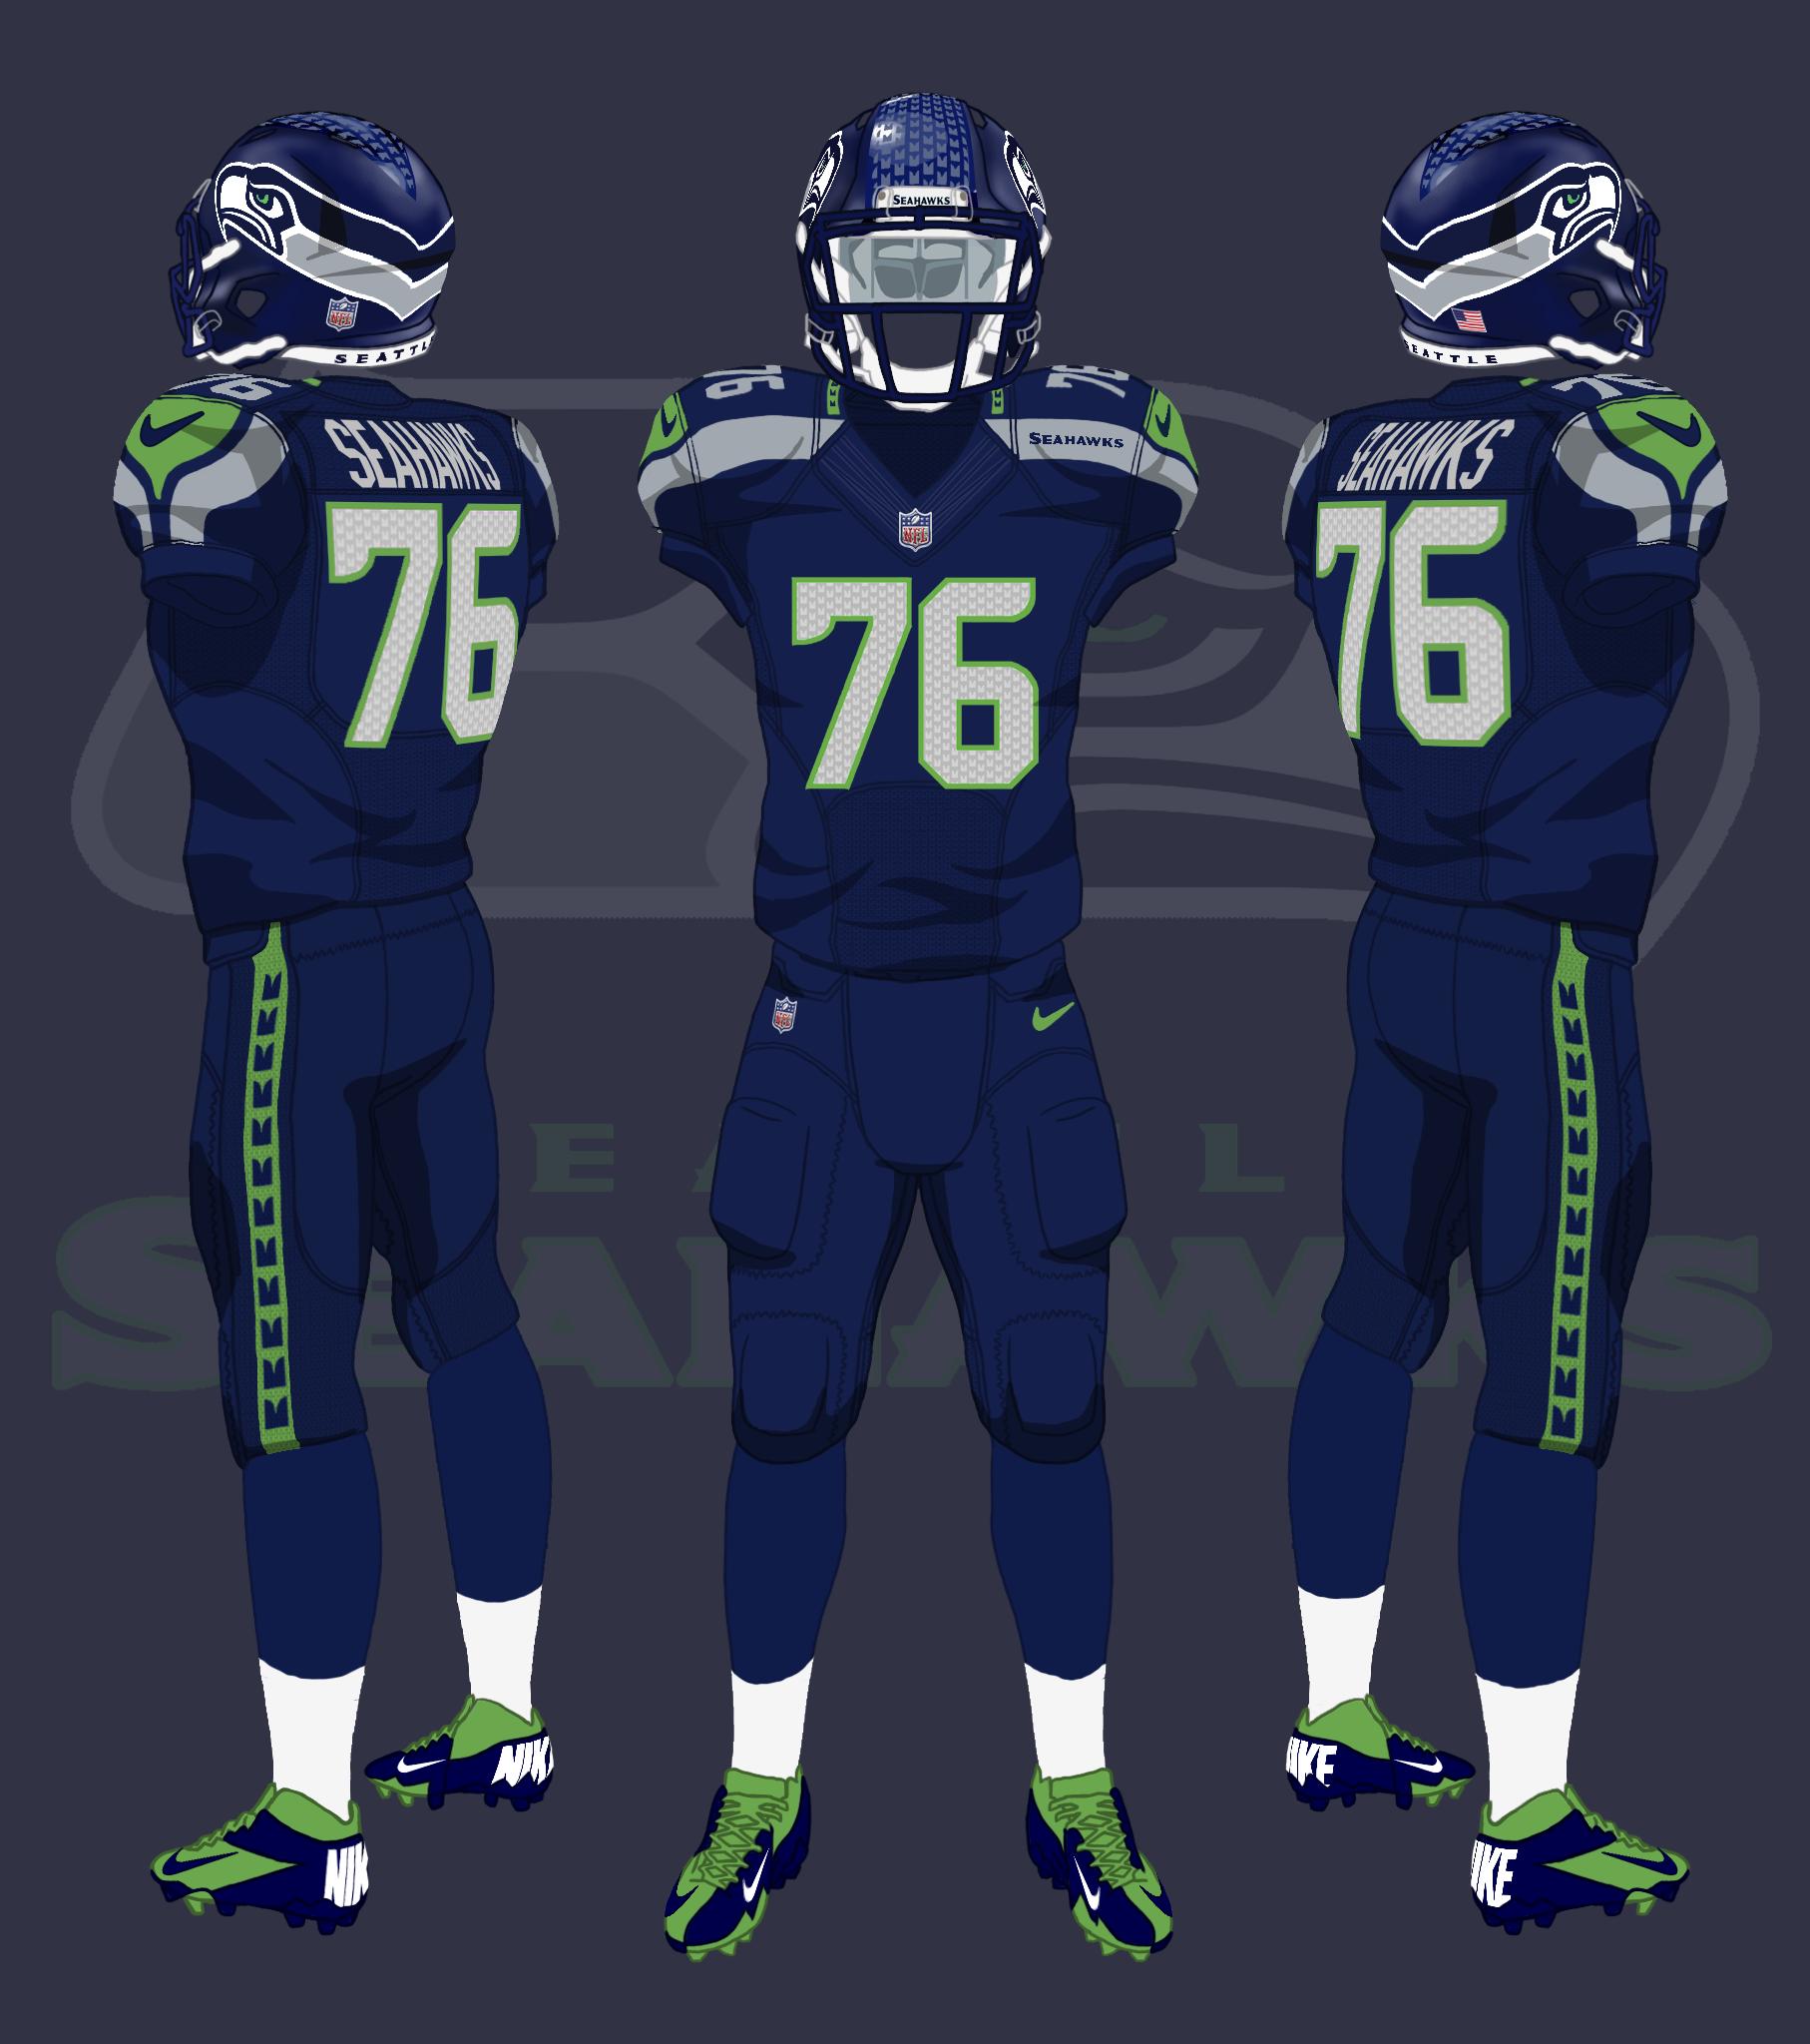 Seattle Seahawks Uniforms By Coachfieldsofnola On Deviantart